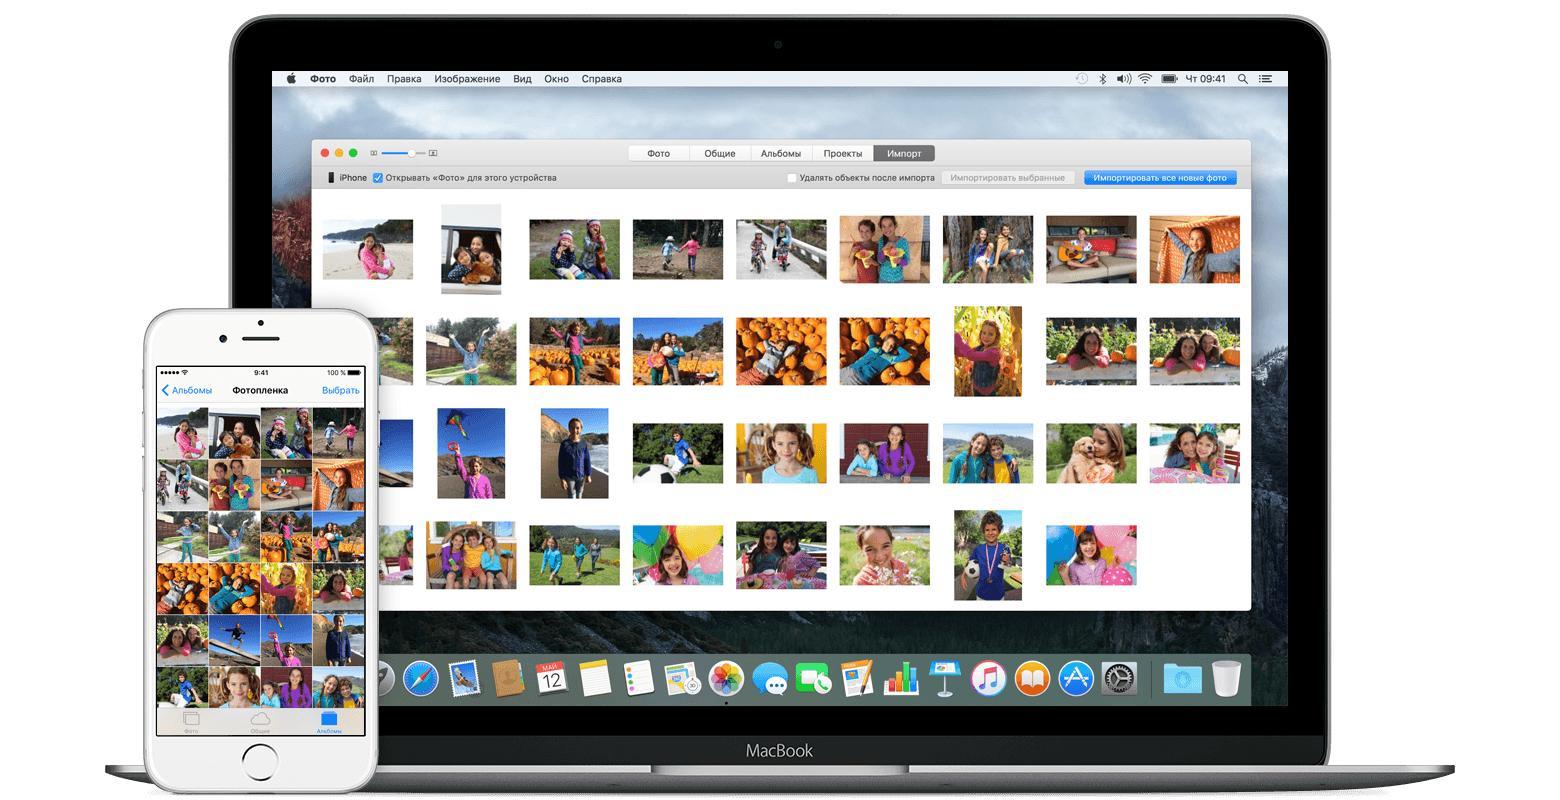 Как скинуть фото с айфона на компьютер?